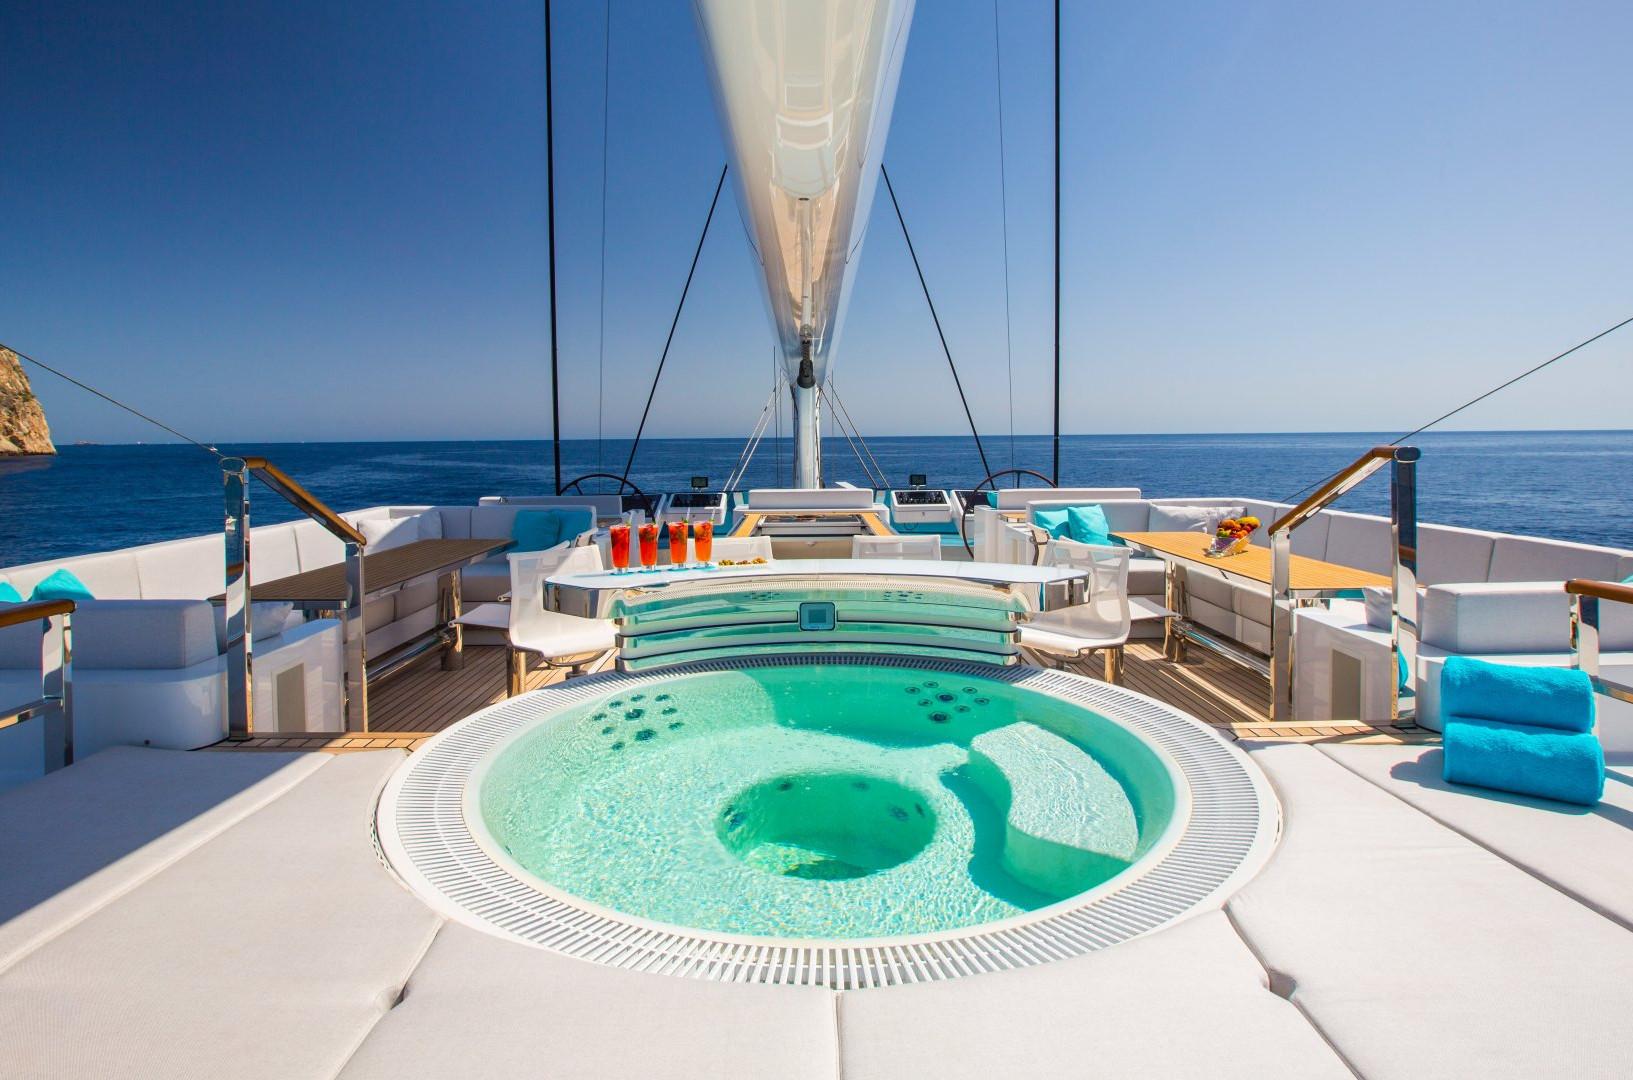 Yacht AQUIJO - Fly bridge with hot tub